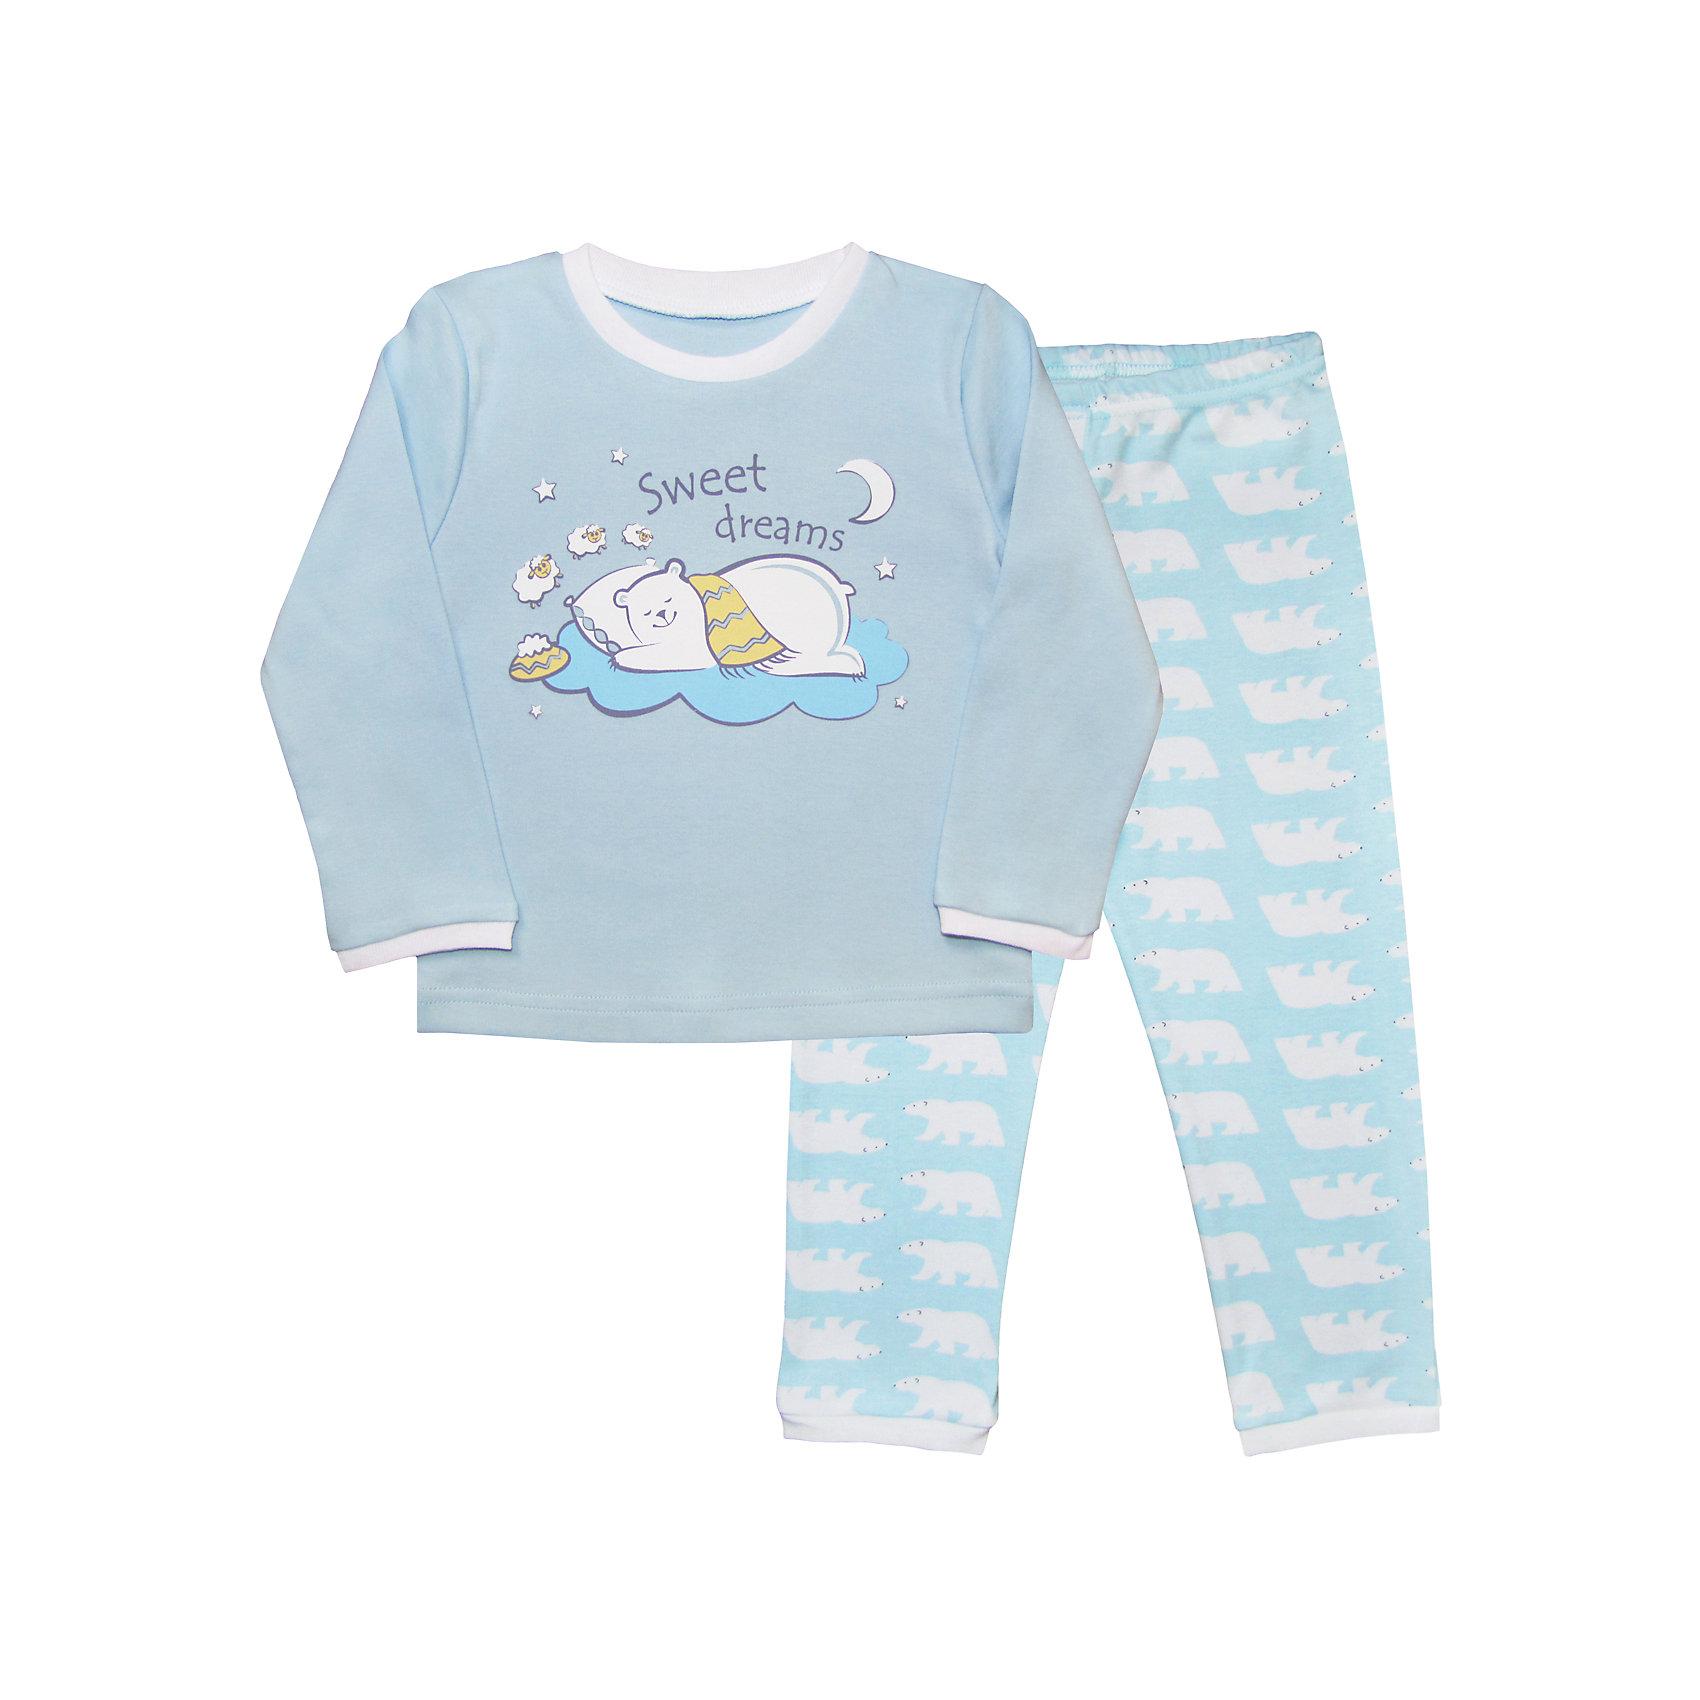 Пижама для мальчика Веселый малышДомашняя одежда для малышей должна быть удобной и качественной - это один из необходимых факторов для правильного развития и хорошего самочувствия ребенка.<br>Эта пижама отличается высоким качеством швов, продуманным кроем, что позволяет ей хорошо фиксироваться на теле малыша, не сползать и не натирать. Материал - интерлок. Это плотная ткань из натурального хлопка, гладкая, приятная на ощупь, дышащая и гипоаллергенная. Комплект состоит из штанишек и футболки с длинным рукавом.<br><br>Дополнительная информация:<br><br>материал: 100% хлопок интерлок;<br>украшена принтом;<br>комплектация: штаны, футболка с длинным рукавом.<br><br>Пижаму от бренда Веселый малыш можно купить в нашем магазине.<br><br>Ширина мм: 157<br>Глубина мм: 13<br>Высота мм: 119<br>Вес г: 200<br>Цвет: голубой<br>Возраст от месяцев: 12<br>Возраст до месяцев: 18<br>Пол: Мужской<br>Возраст: Детский<br>Размер: 86,92,98,116,110,104<br>SKU: 4810372